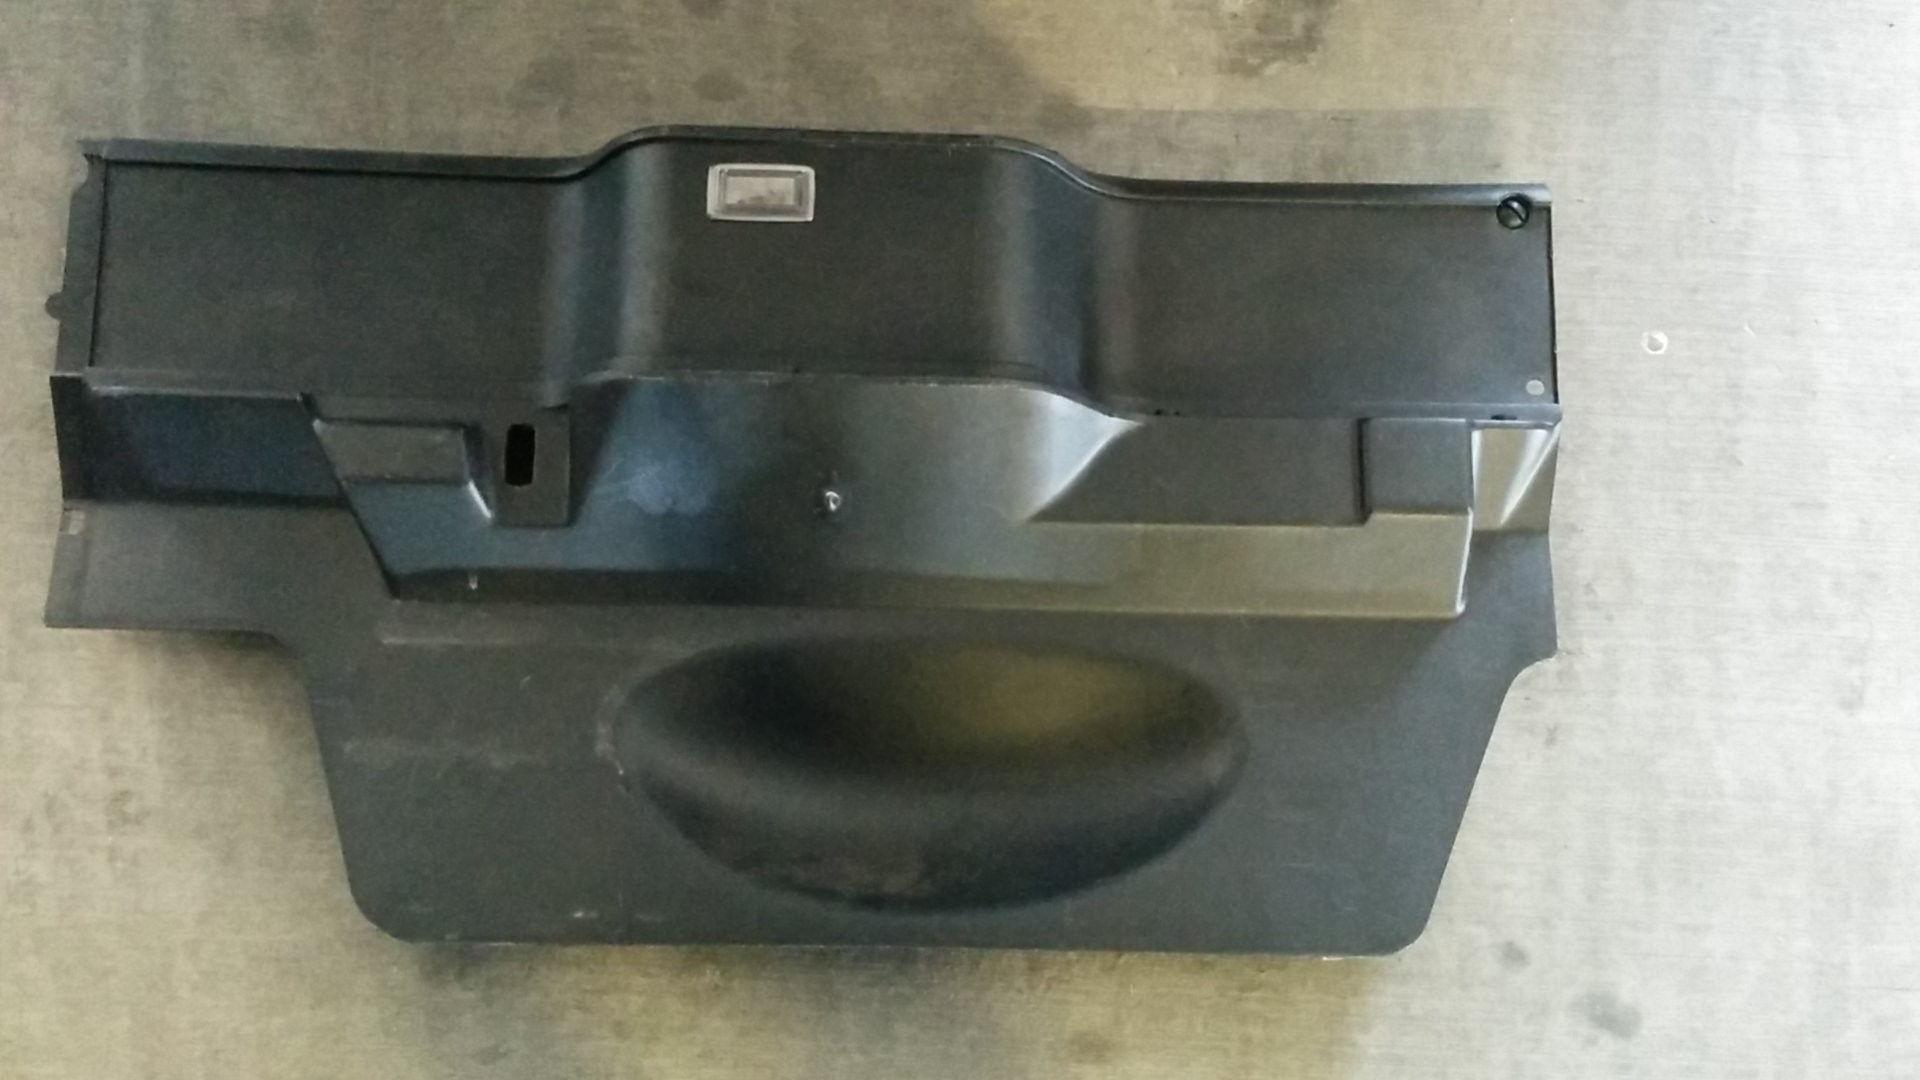 80-img_20151109_110912_e320f9a0a7e0cf0d6667df1e39ba7541bbecbcf4 Wiring Harness Boards on thermostat board, ecm board, bracket board, wheel board,